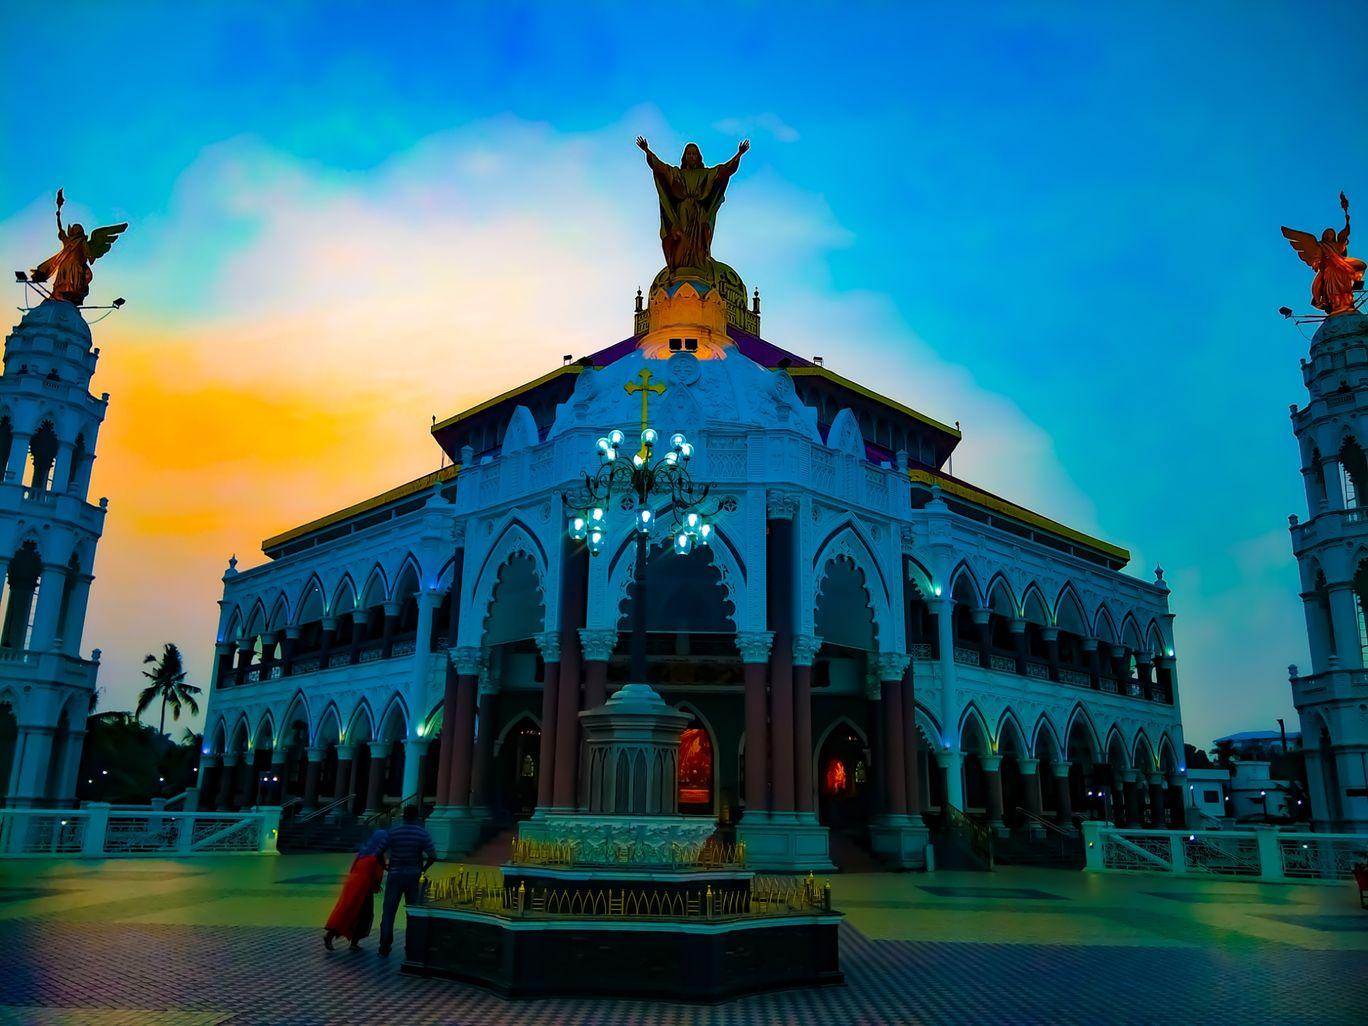 Photo of Kochi By Nikhil abhishek